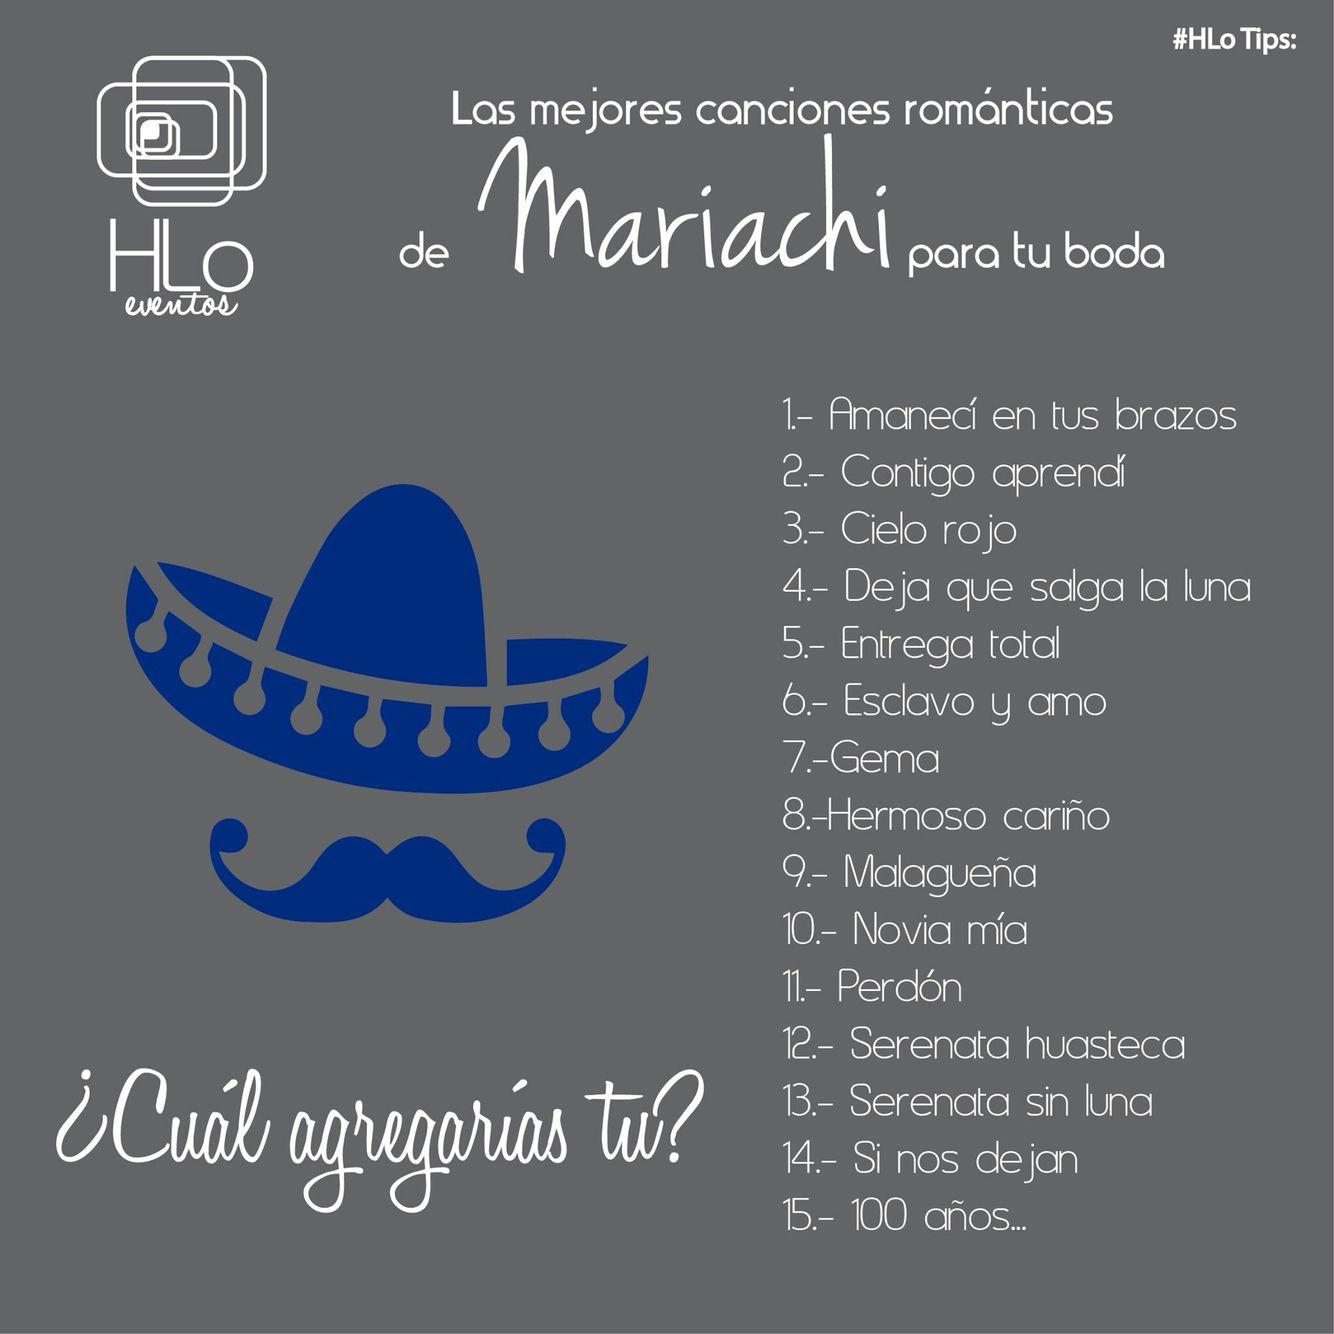 #HLo Tips: Las mejores canciones románticas con mariachi para tu boda  – Boda